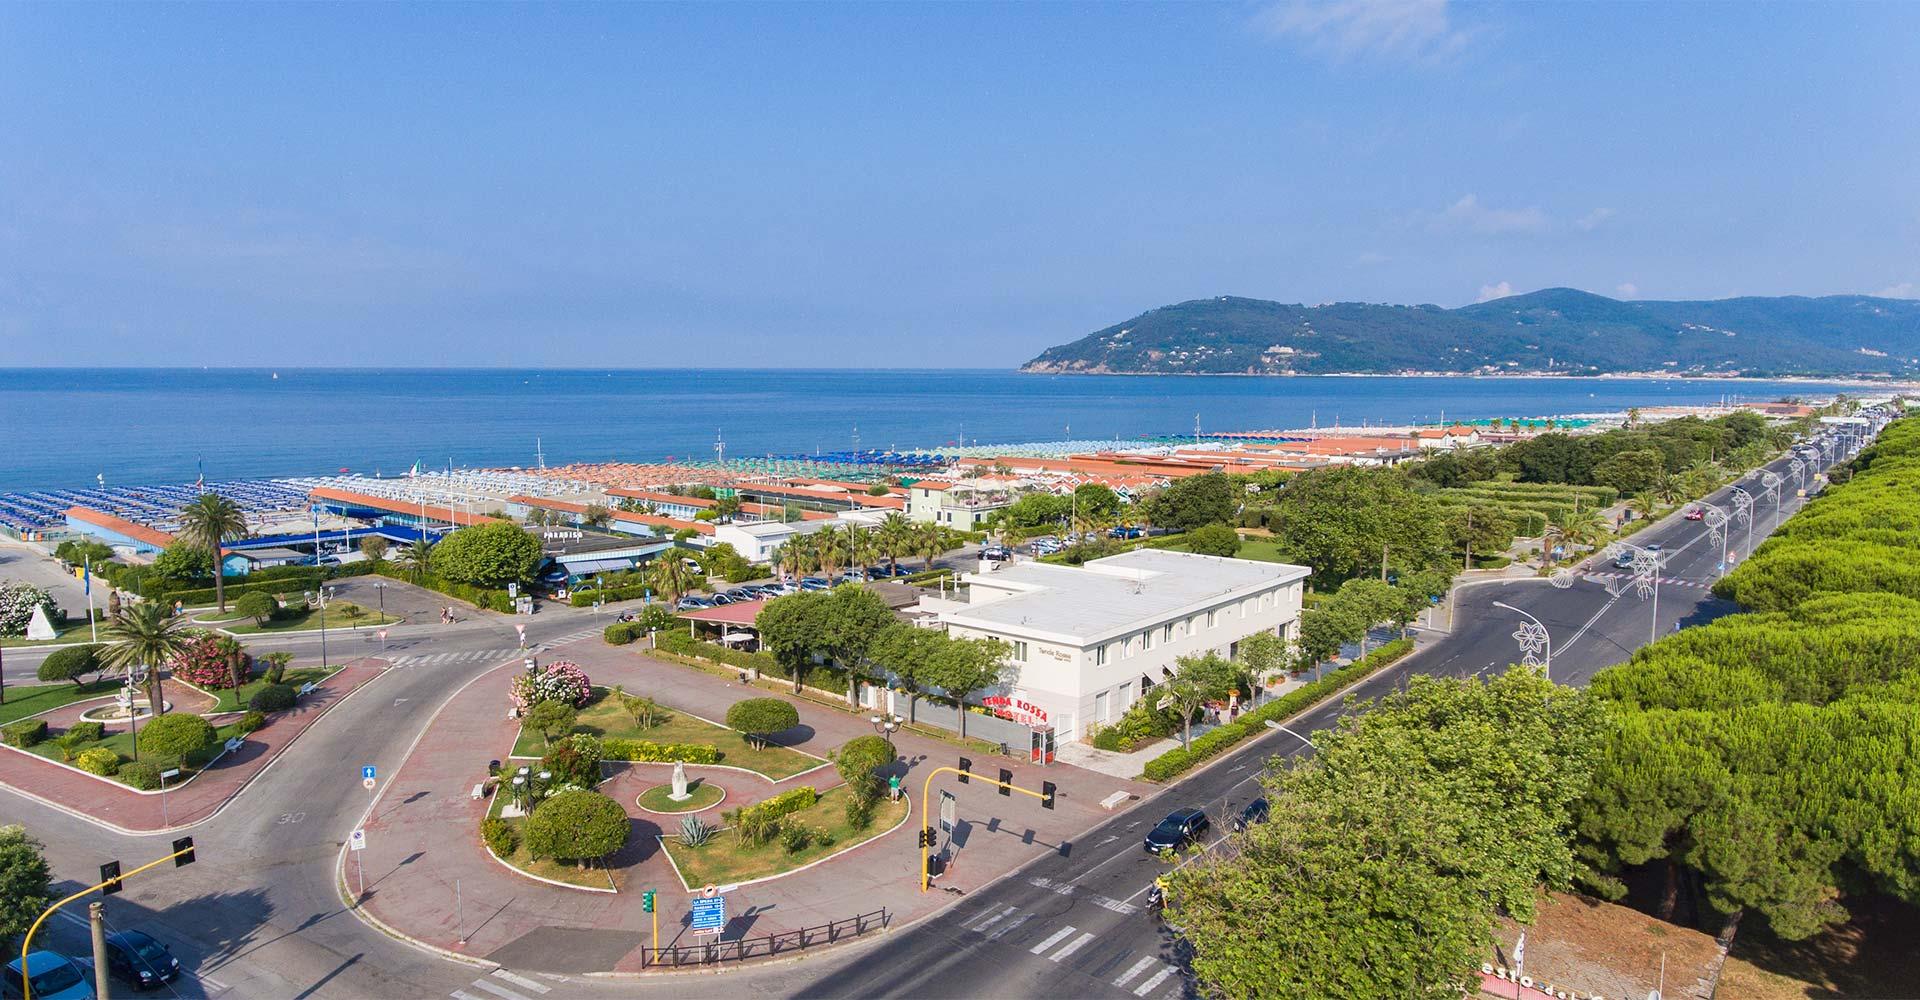 Hotel Tenda Rossa 3 stars in Marina di Carrara